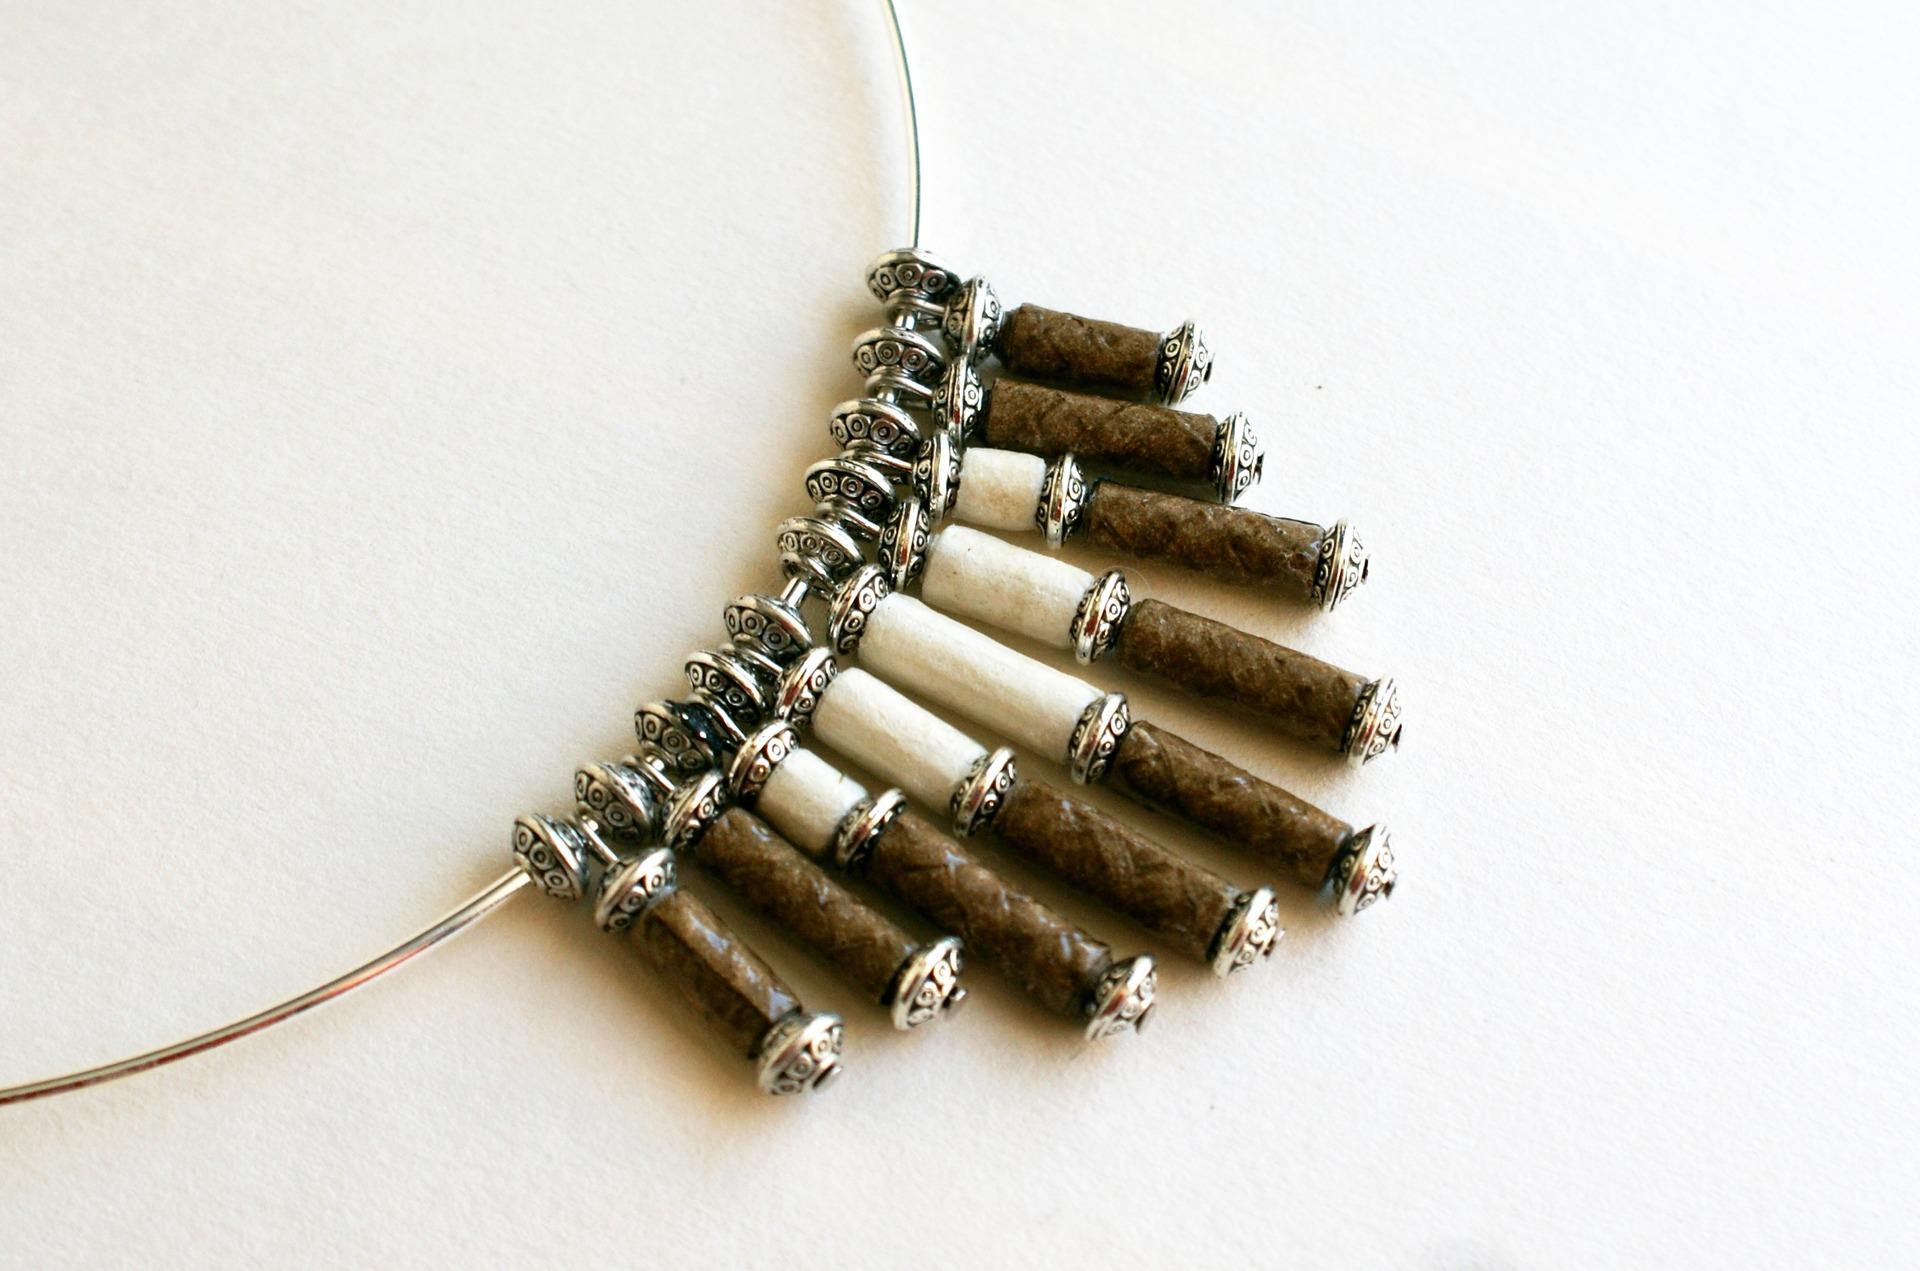 collier-elegant-collier-apaisement-en-p-15388089-dsc03127-copie--jpg-a2b67_big